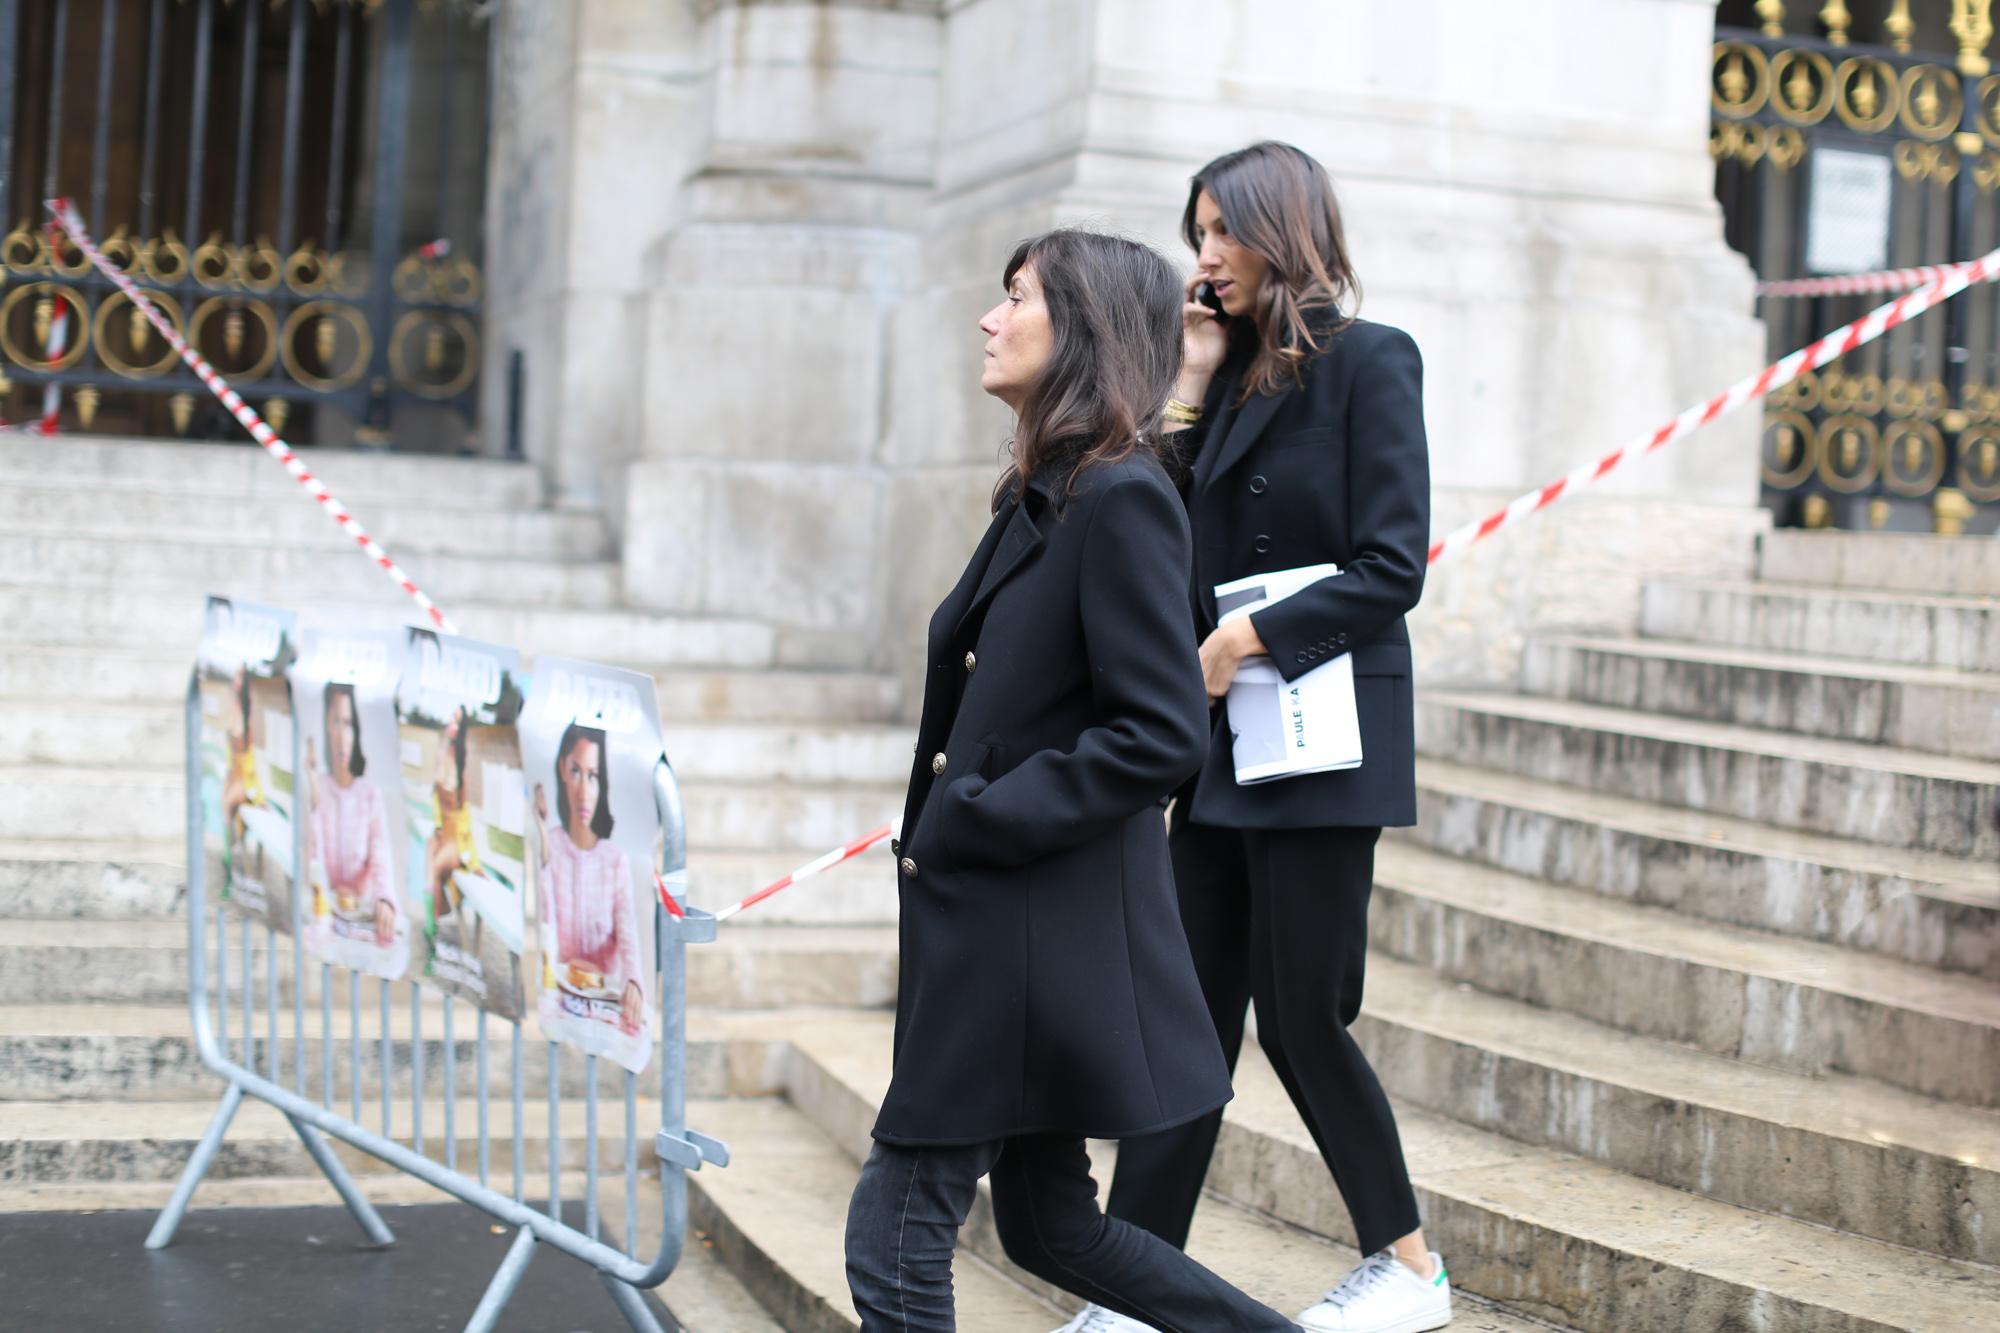 Clochet-streetstyle-paris-fashion-week-emmanuelle-alt-geraldine-saglio